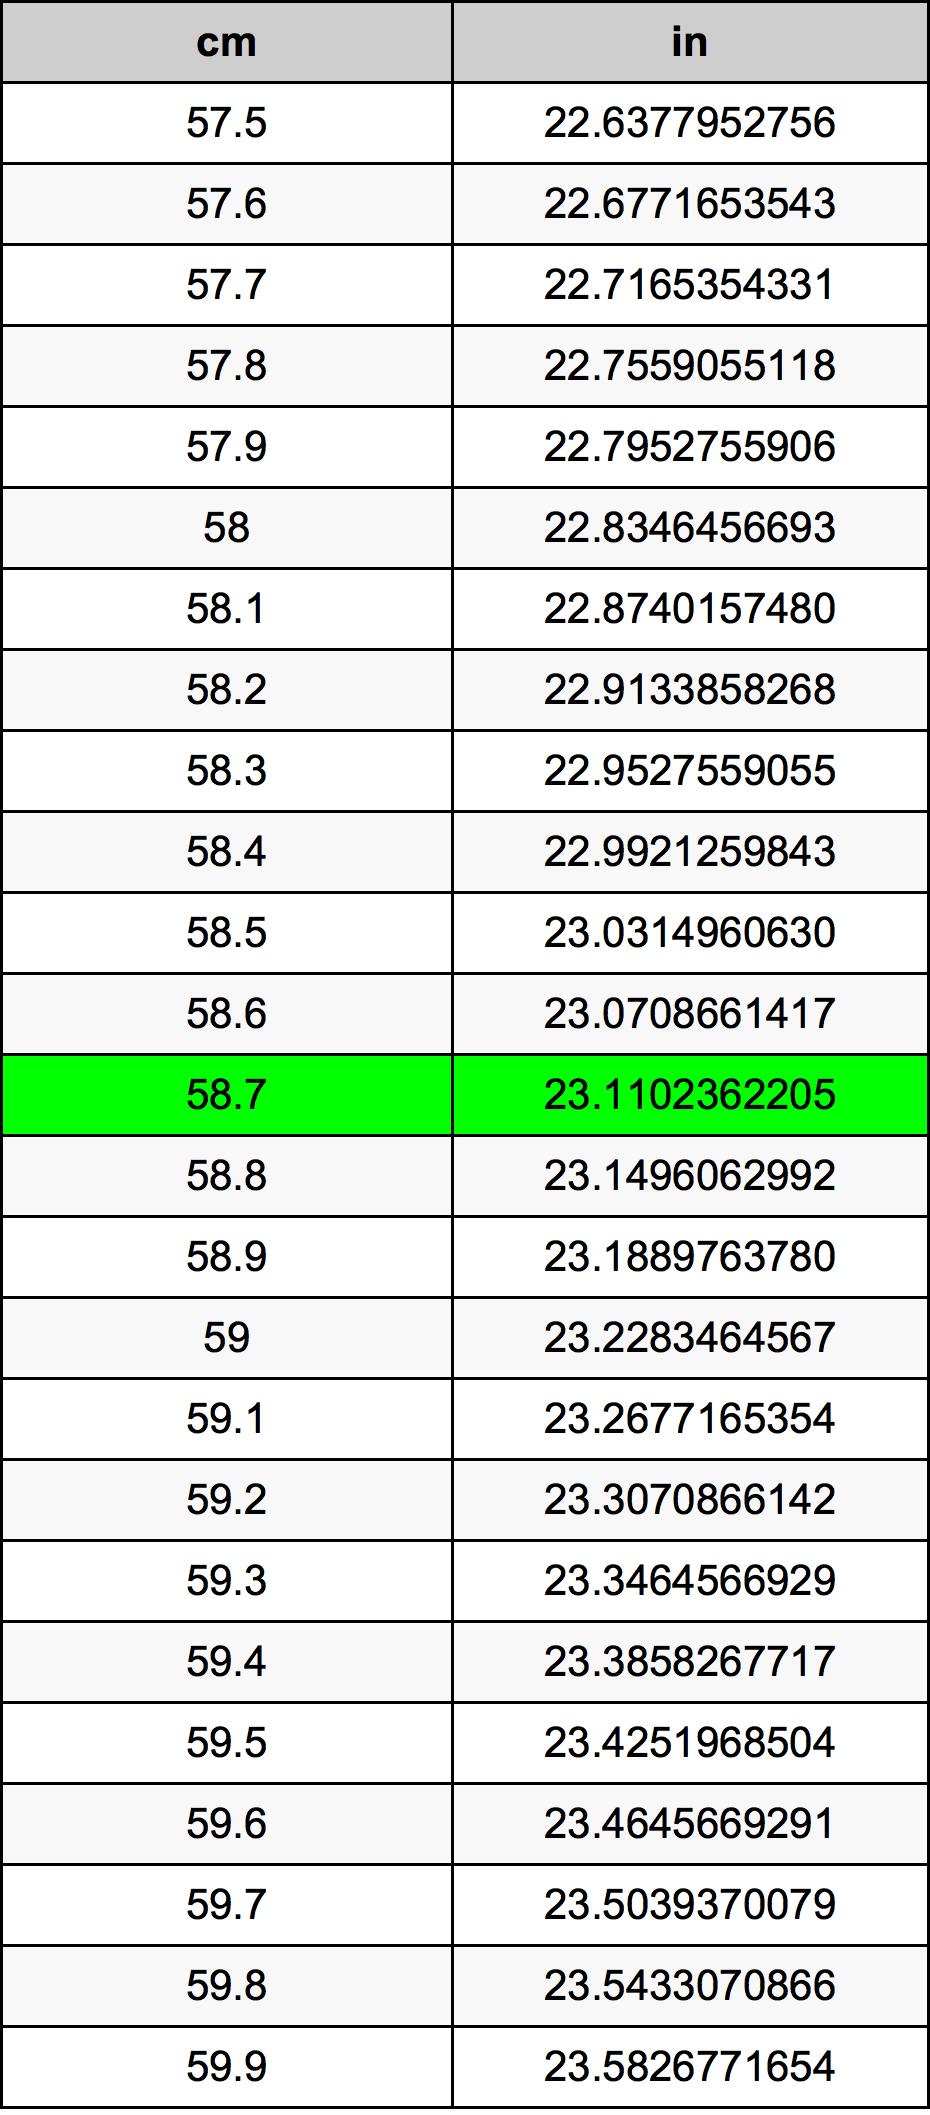 58.7 Centymetr tabela przeliczeniowa